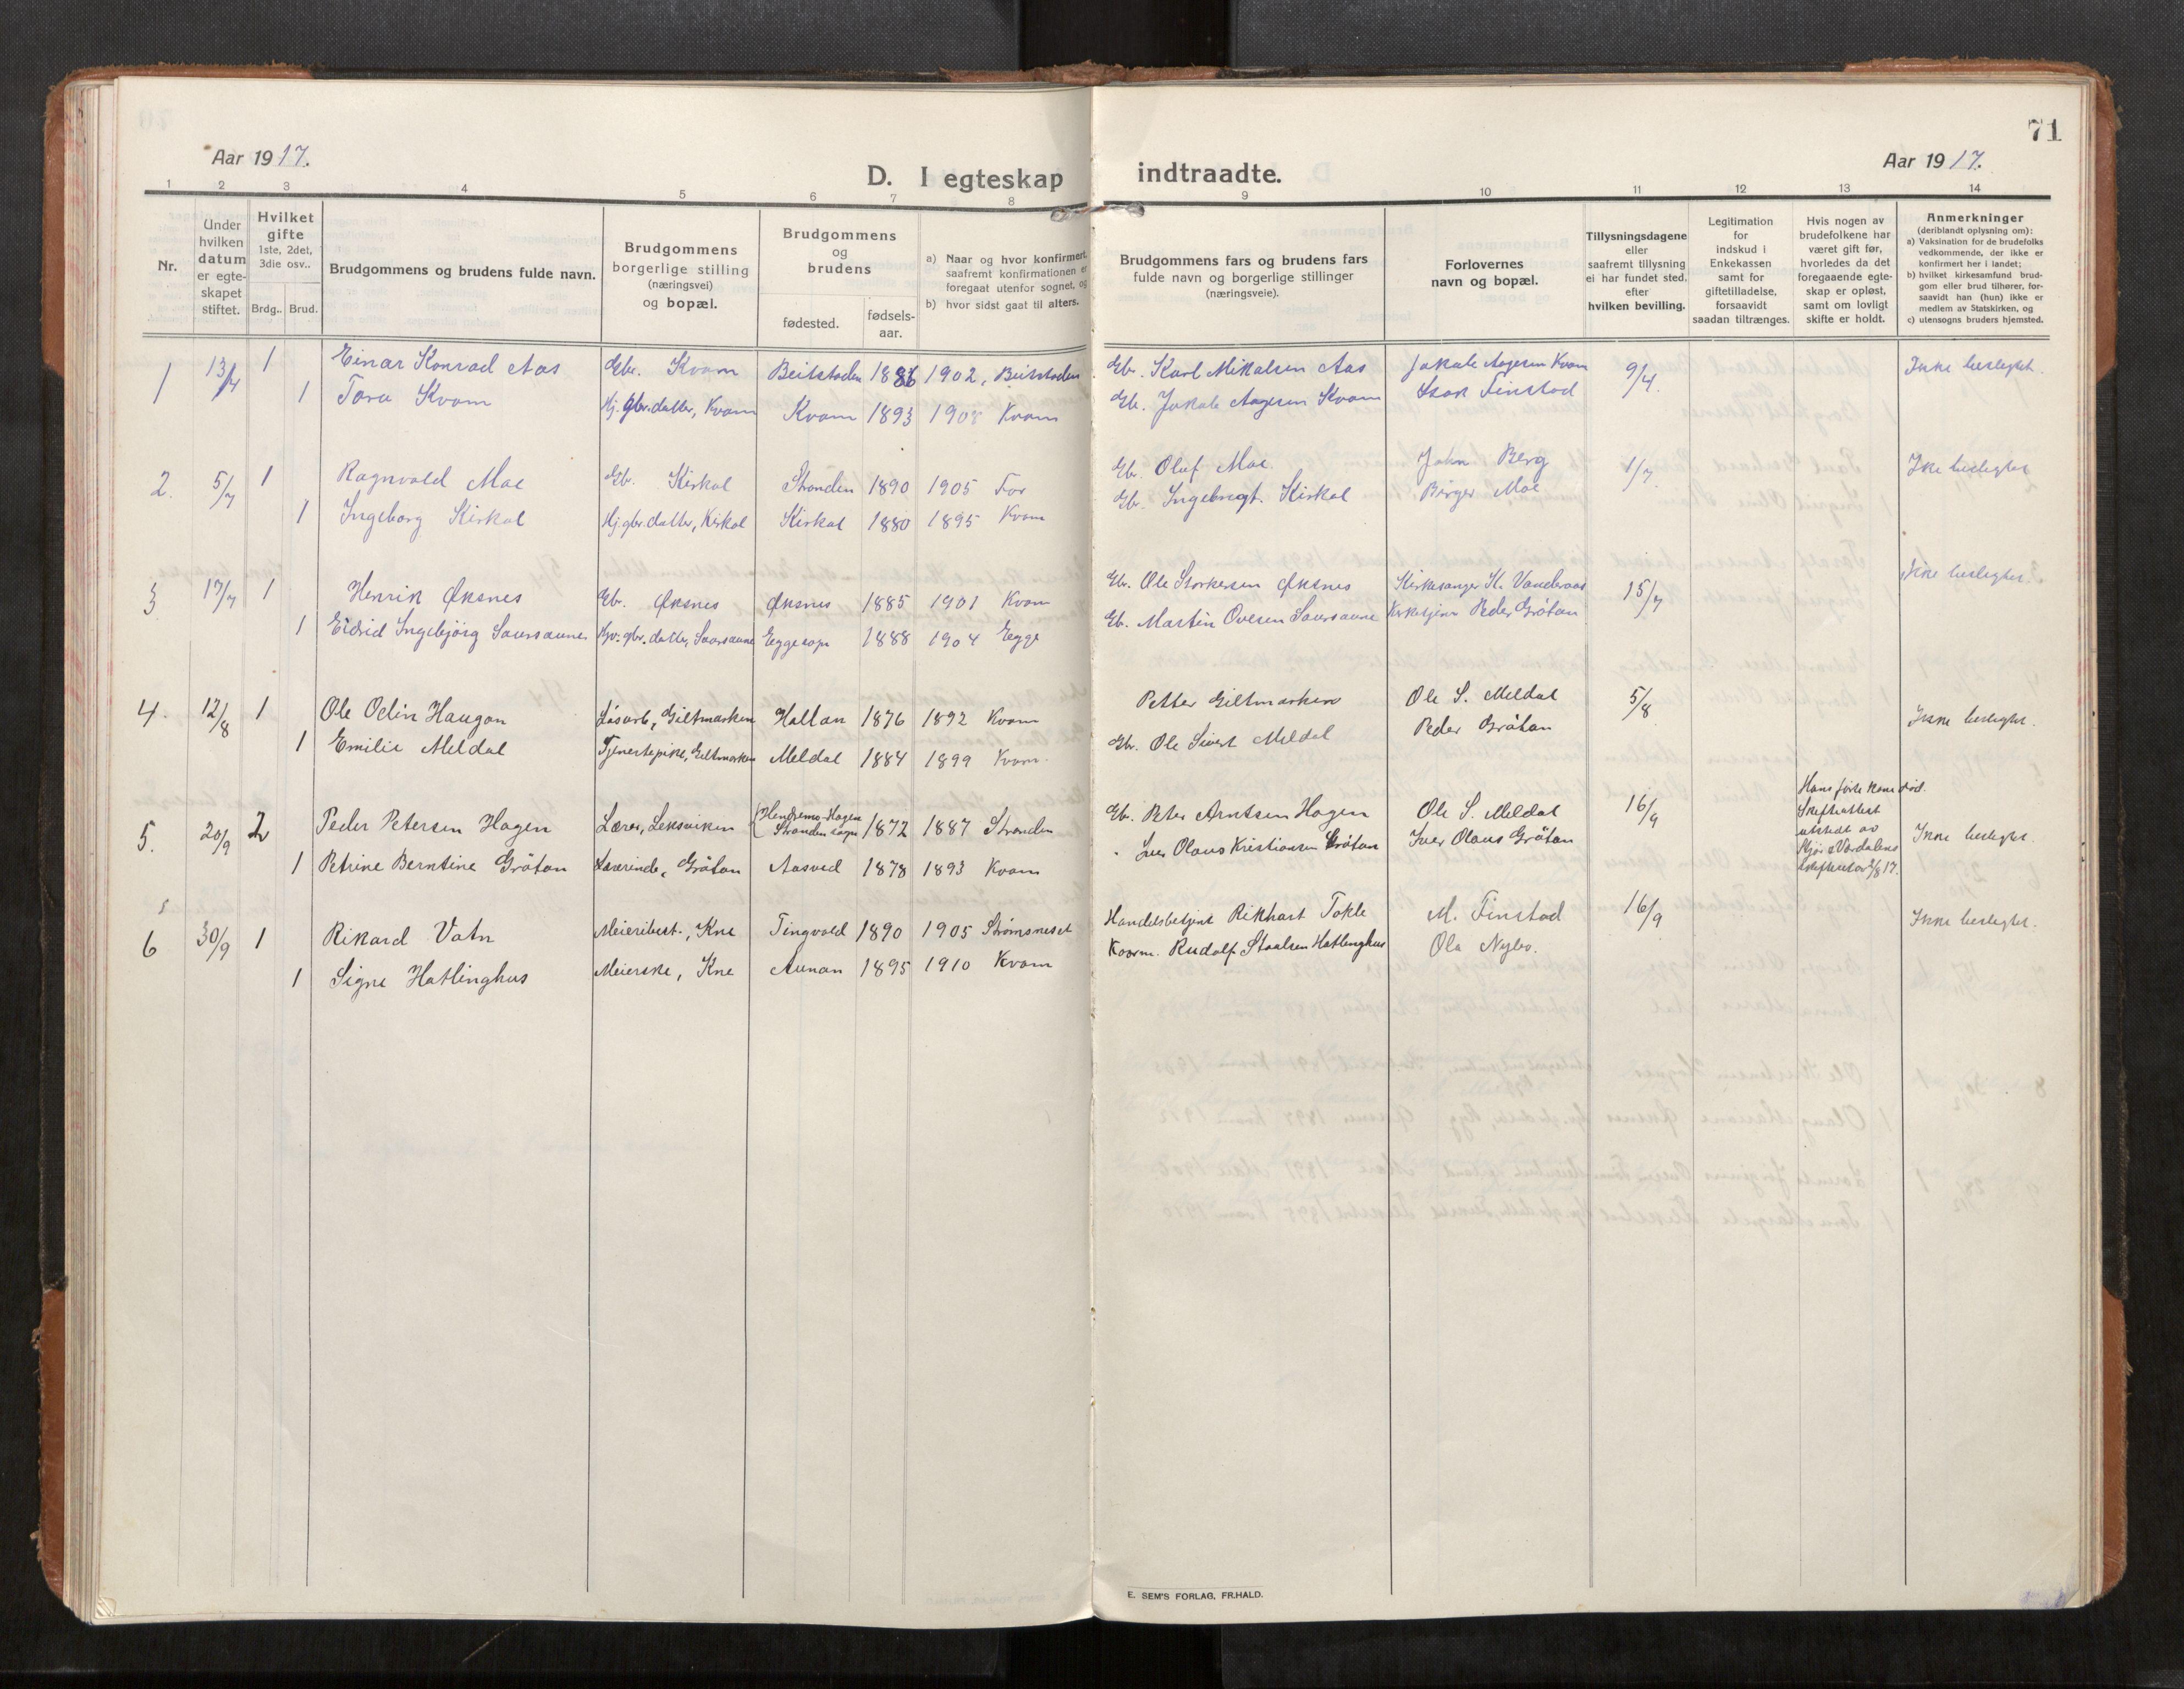 SAT, Stod sokneprestkontor, I/I1/I1a/L0004: Ministerialbok nr. 4, 1913-1933, s. 71